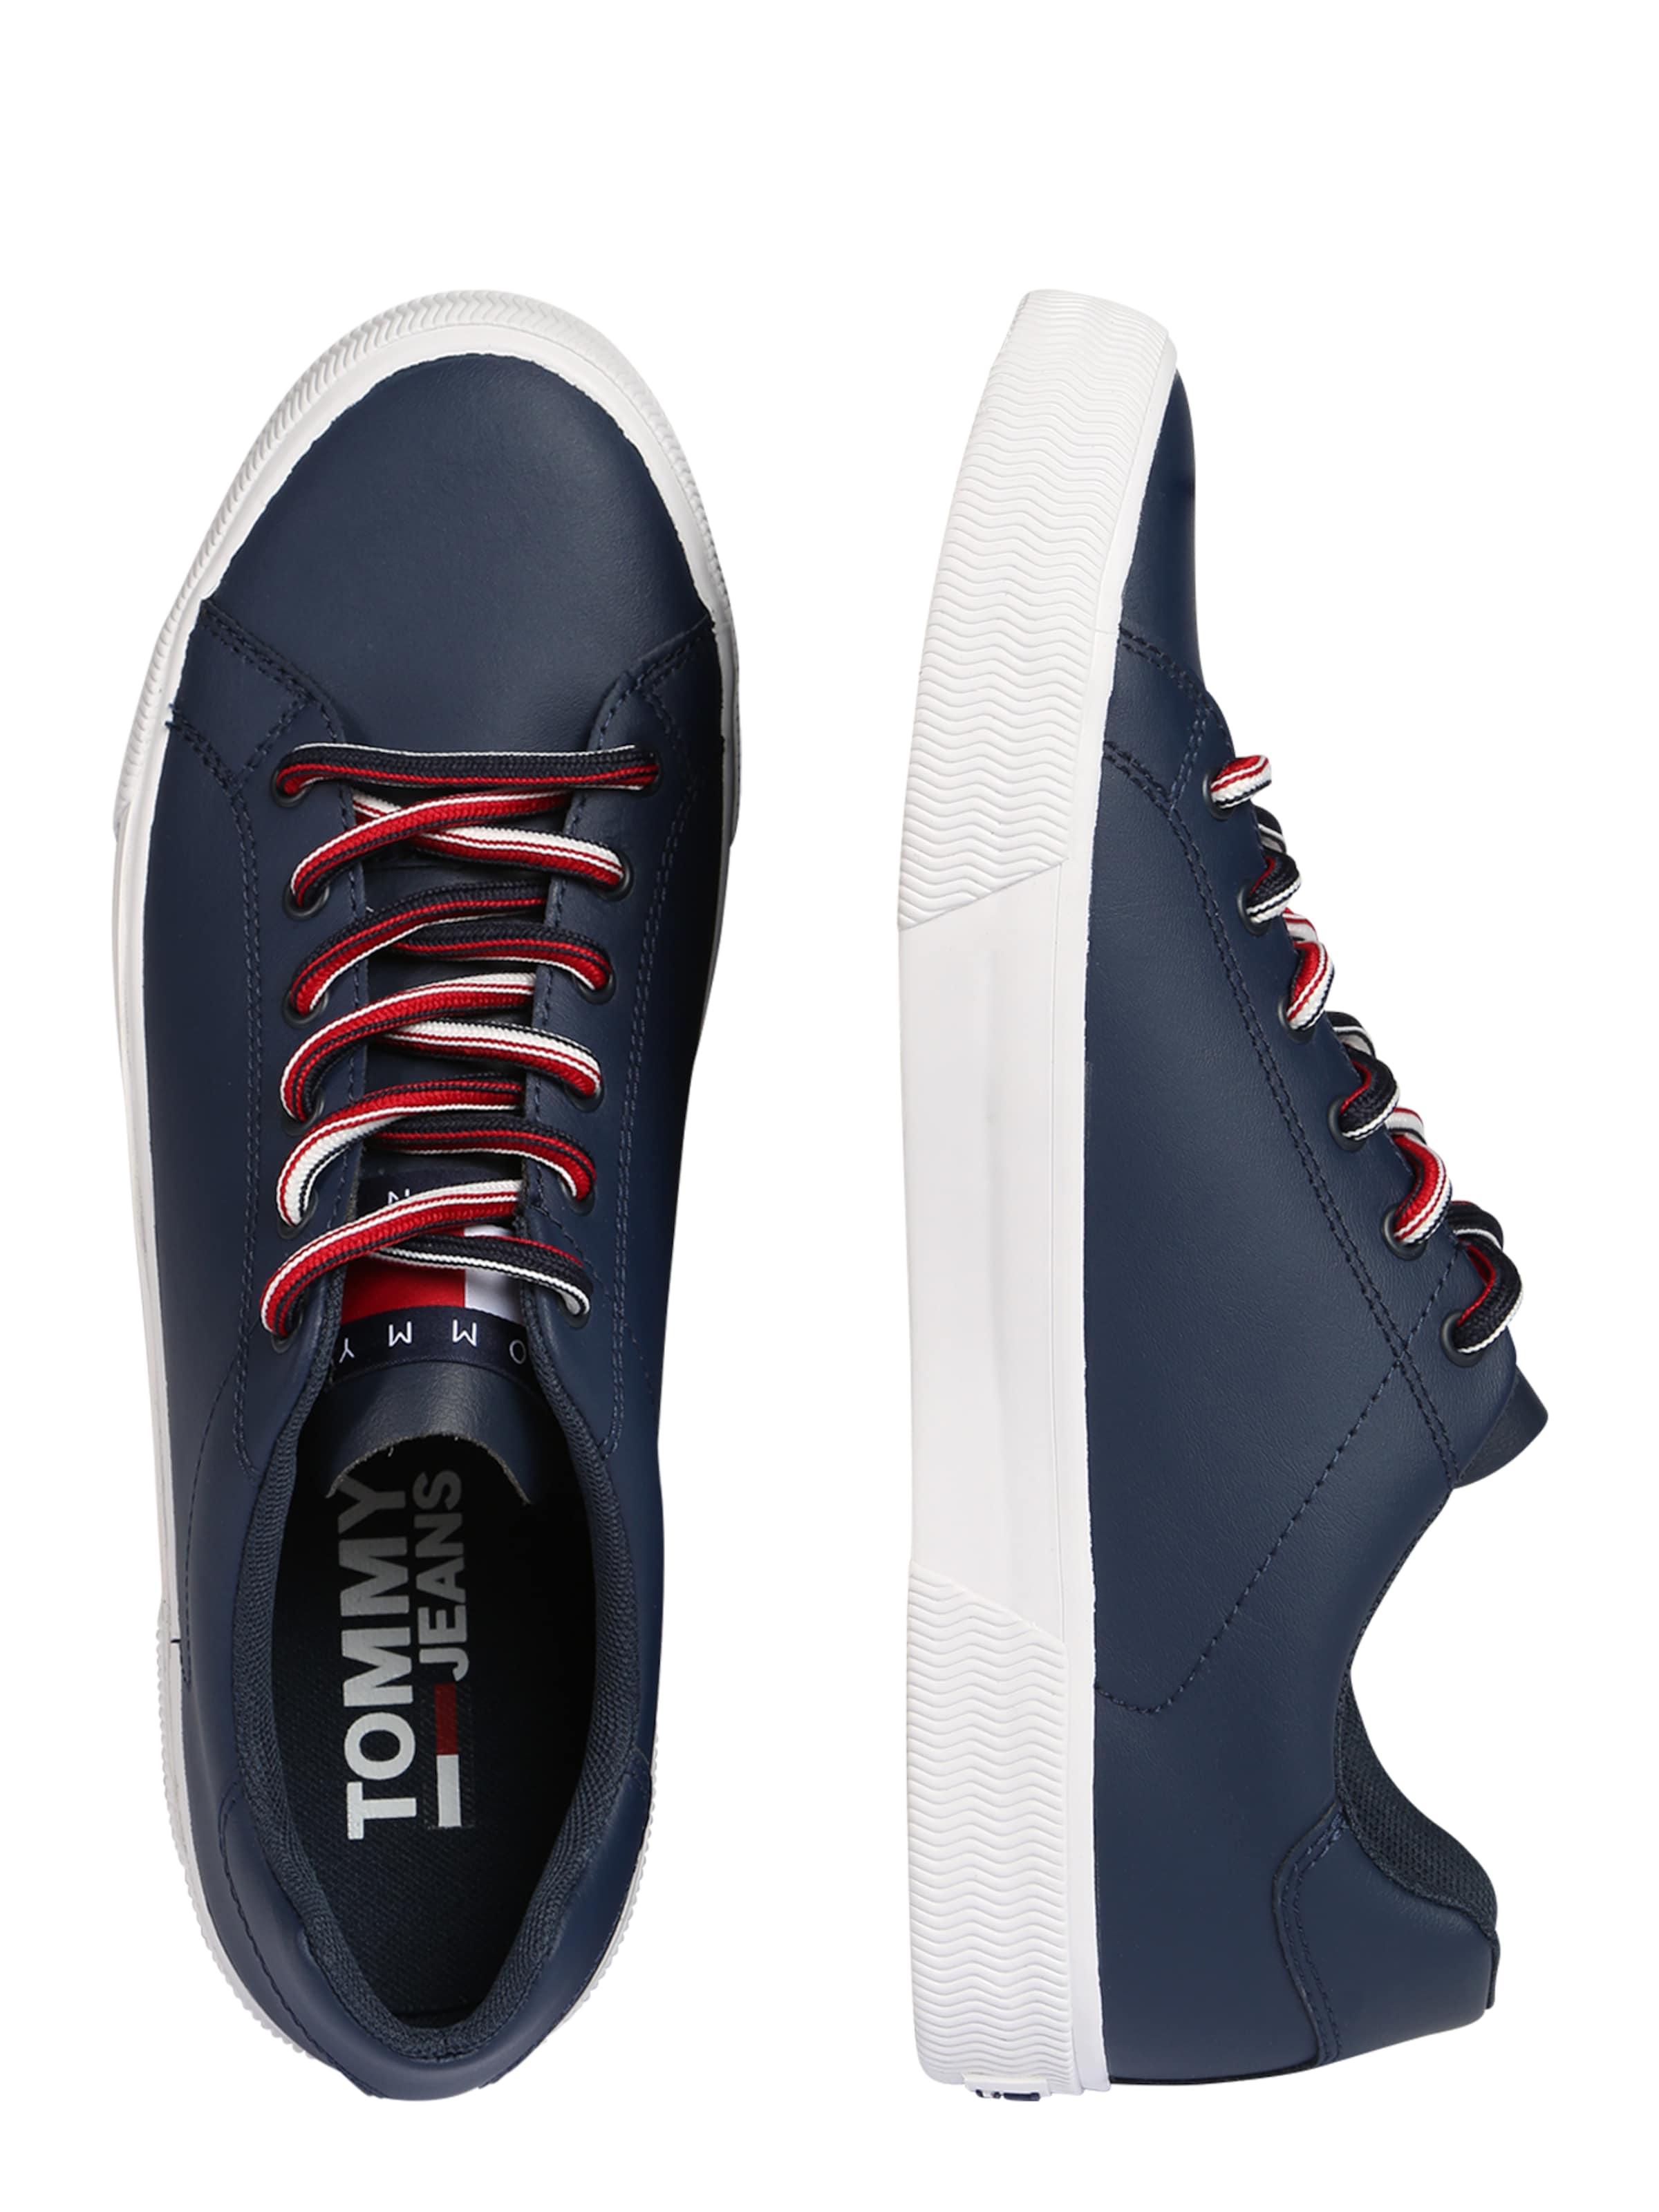 'essential Jeans Sneaker' Sneaker In Tommy DunkelblauWeiß uFc3l1KJ5T